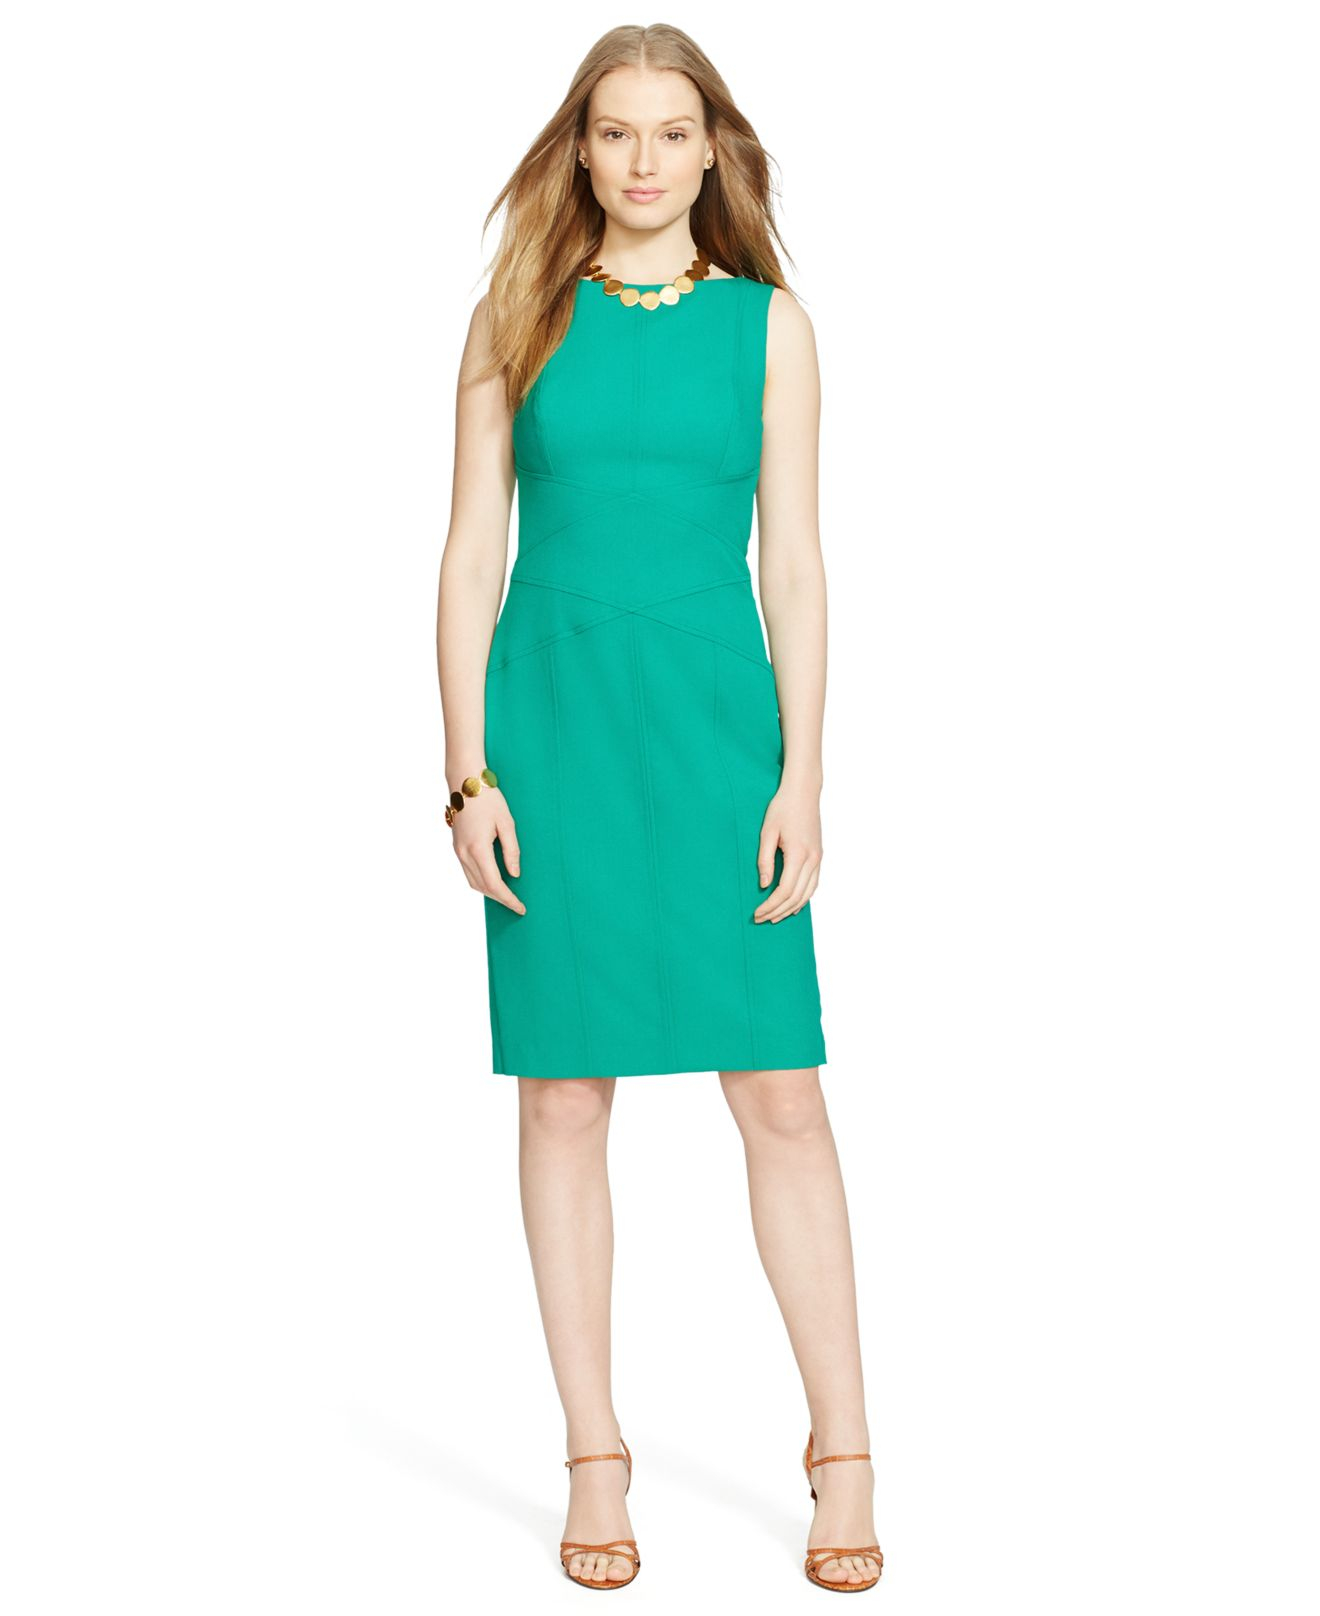 Lauren by ralph lauren Sleeveless Dress in Green | Lyst